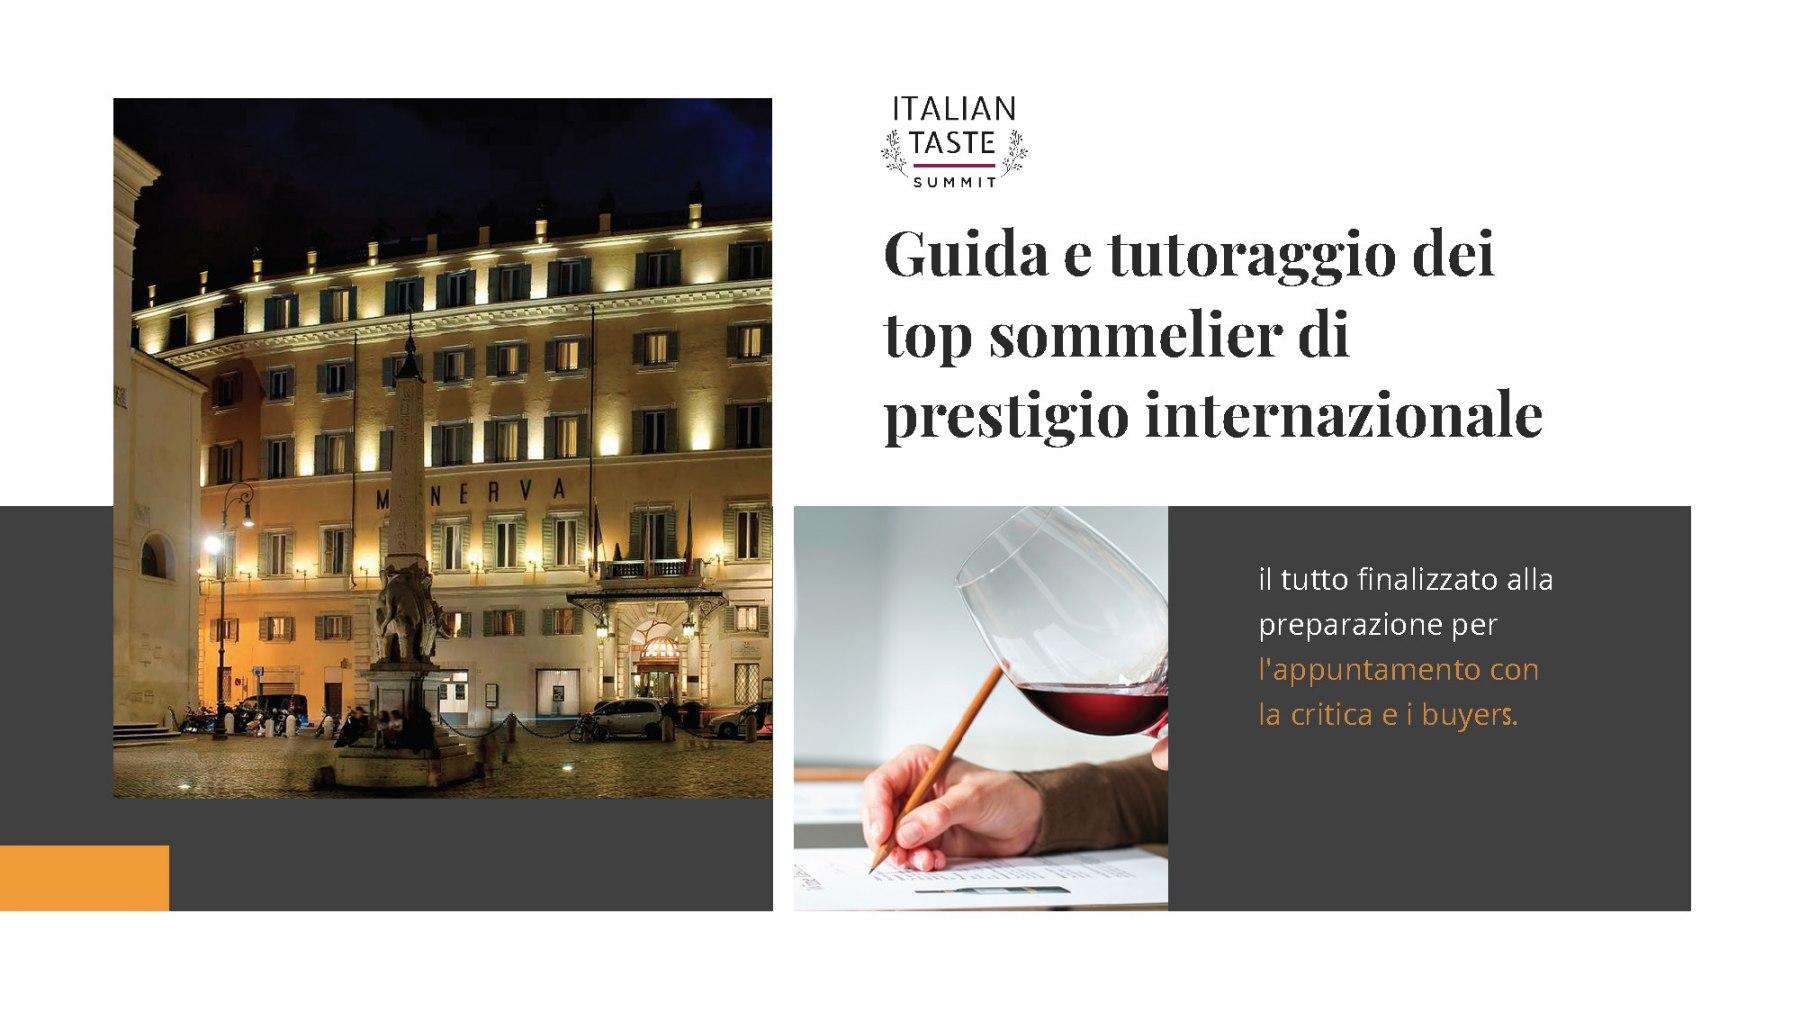 Italian-Taste-Summit-IT-2020_05